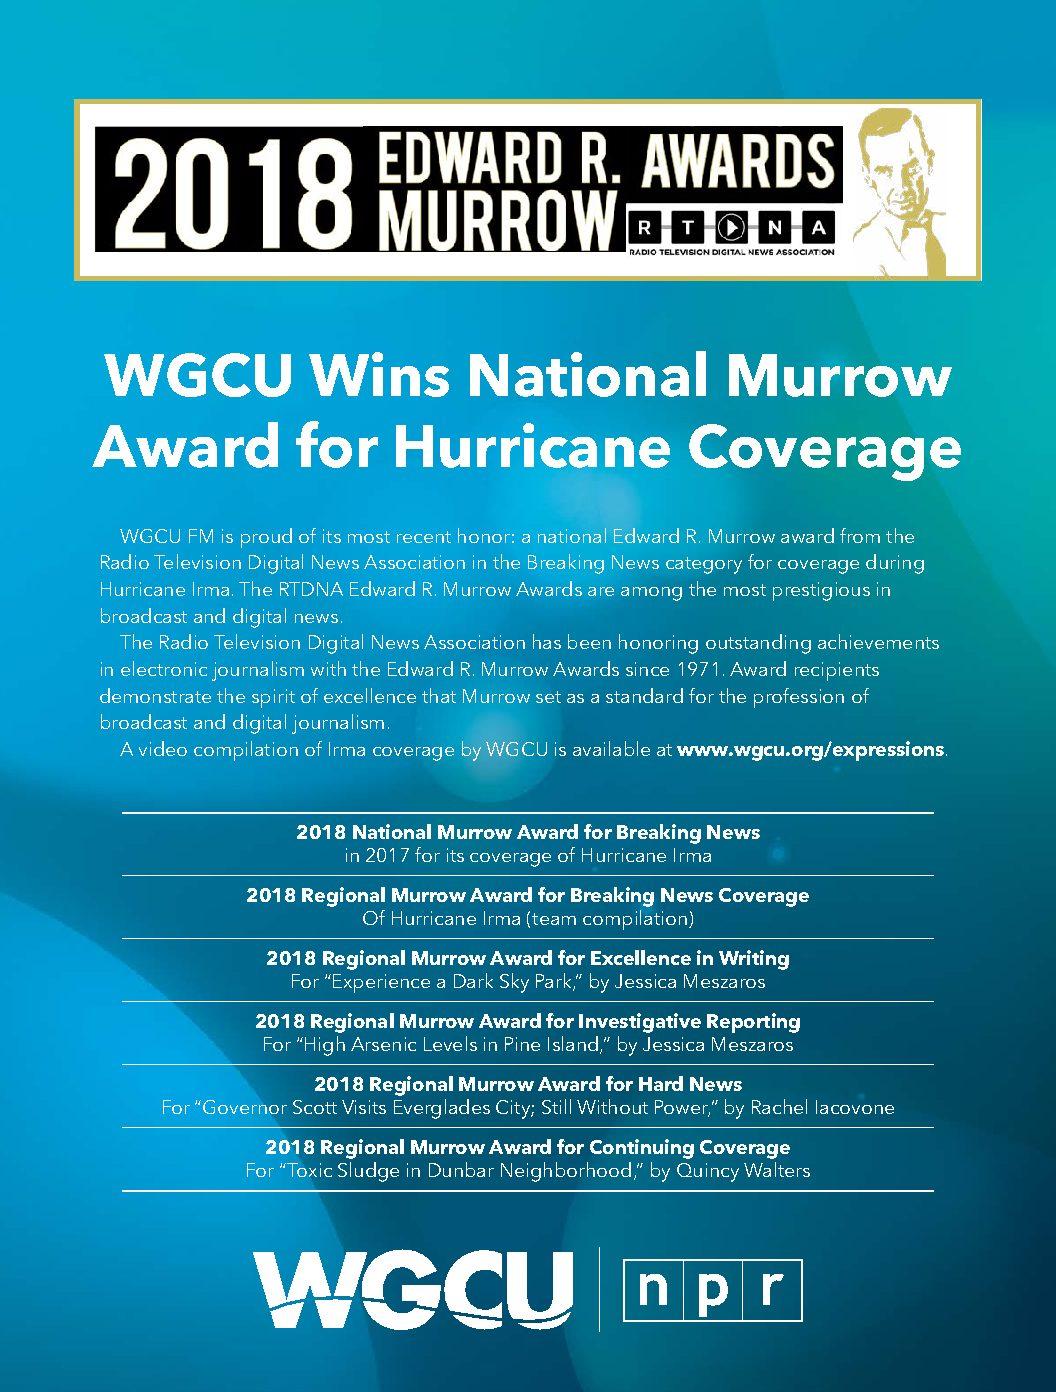 WGCU FM wins four more national awards